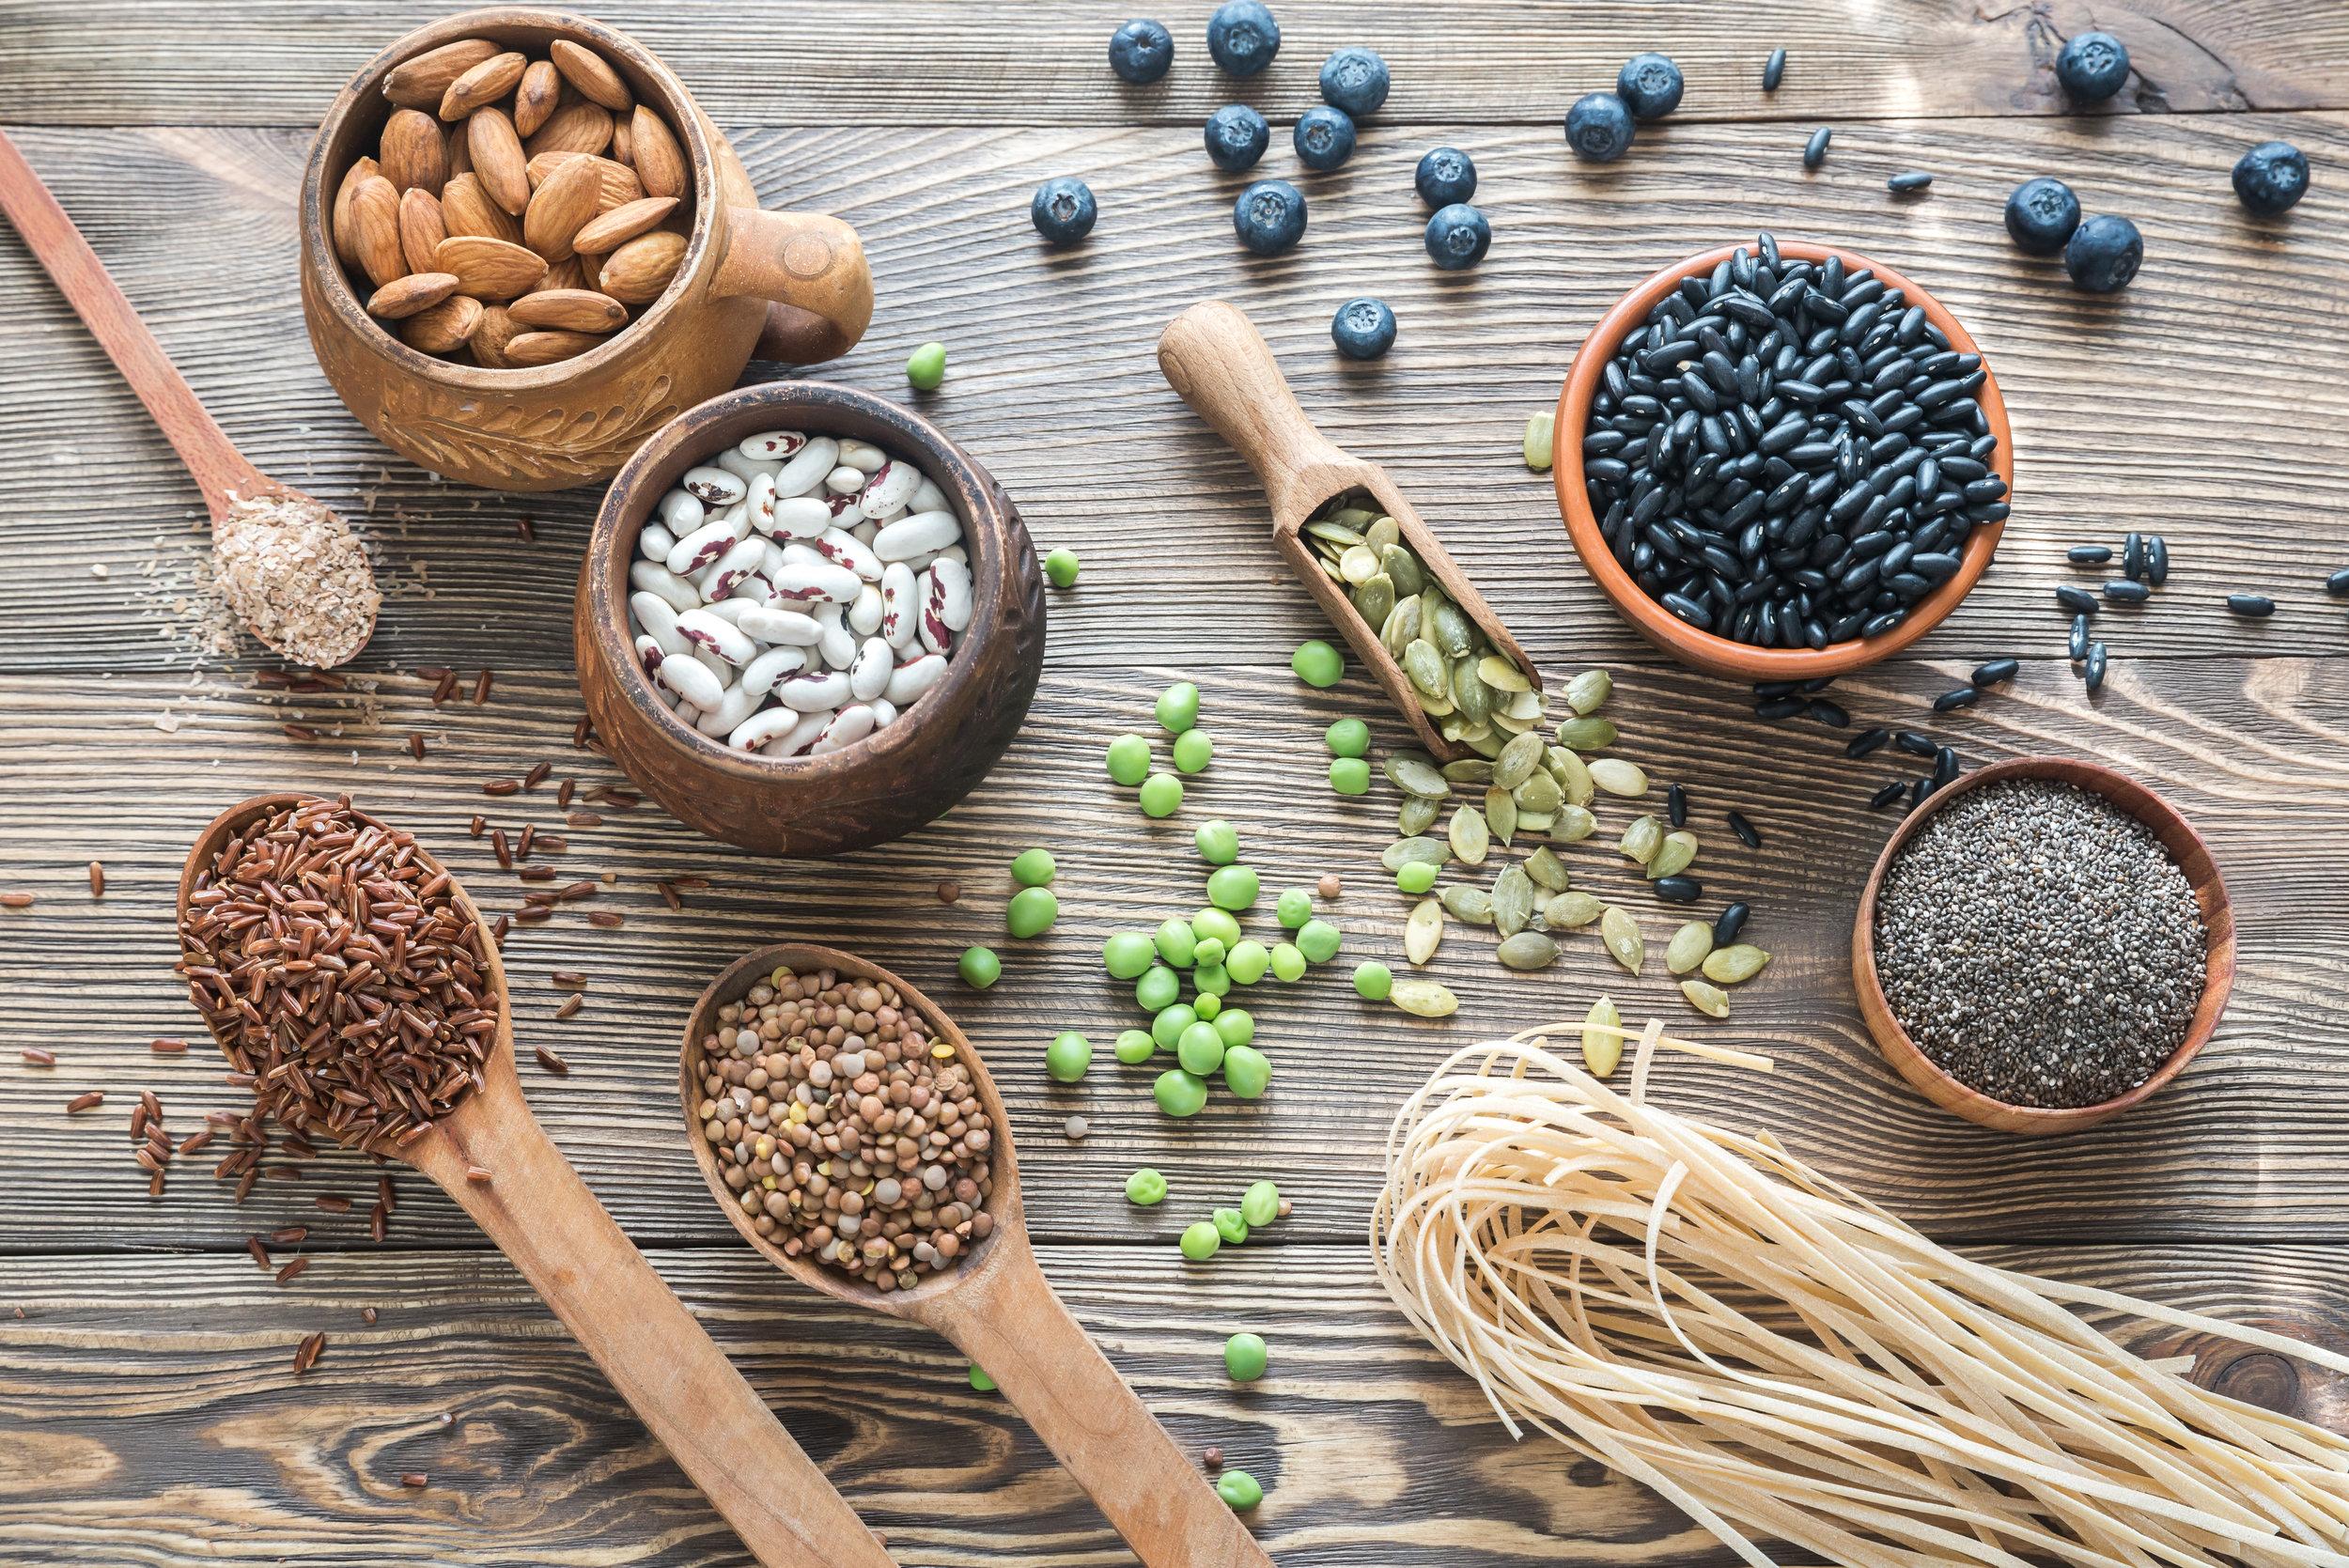 food-sources-of-fiber-PPEG24J.jpg